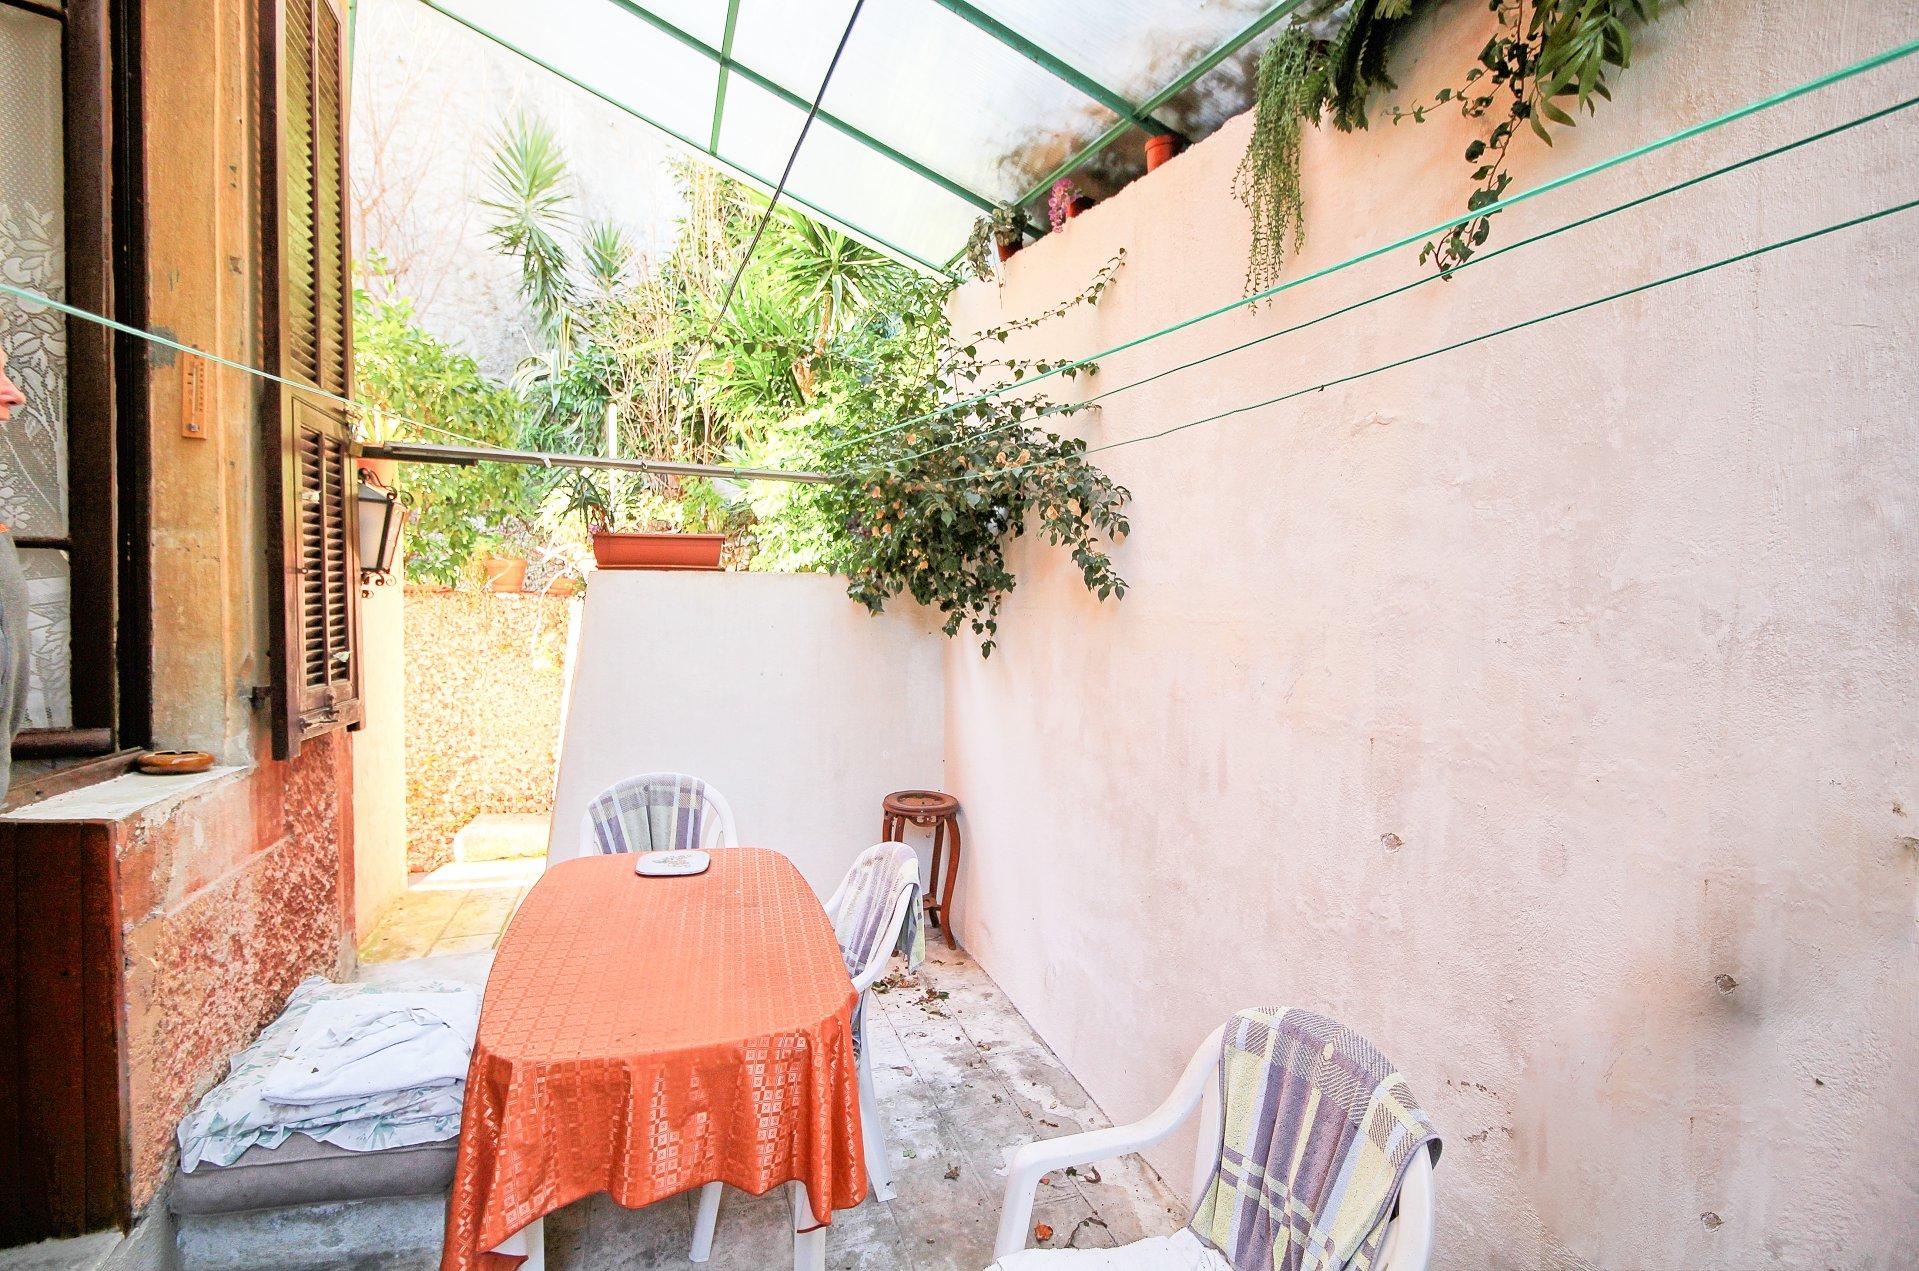 Maison, 4 pièces, jardin, maison niçoise, à vendre, Nice, Cernuschi, ancien, terrasse